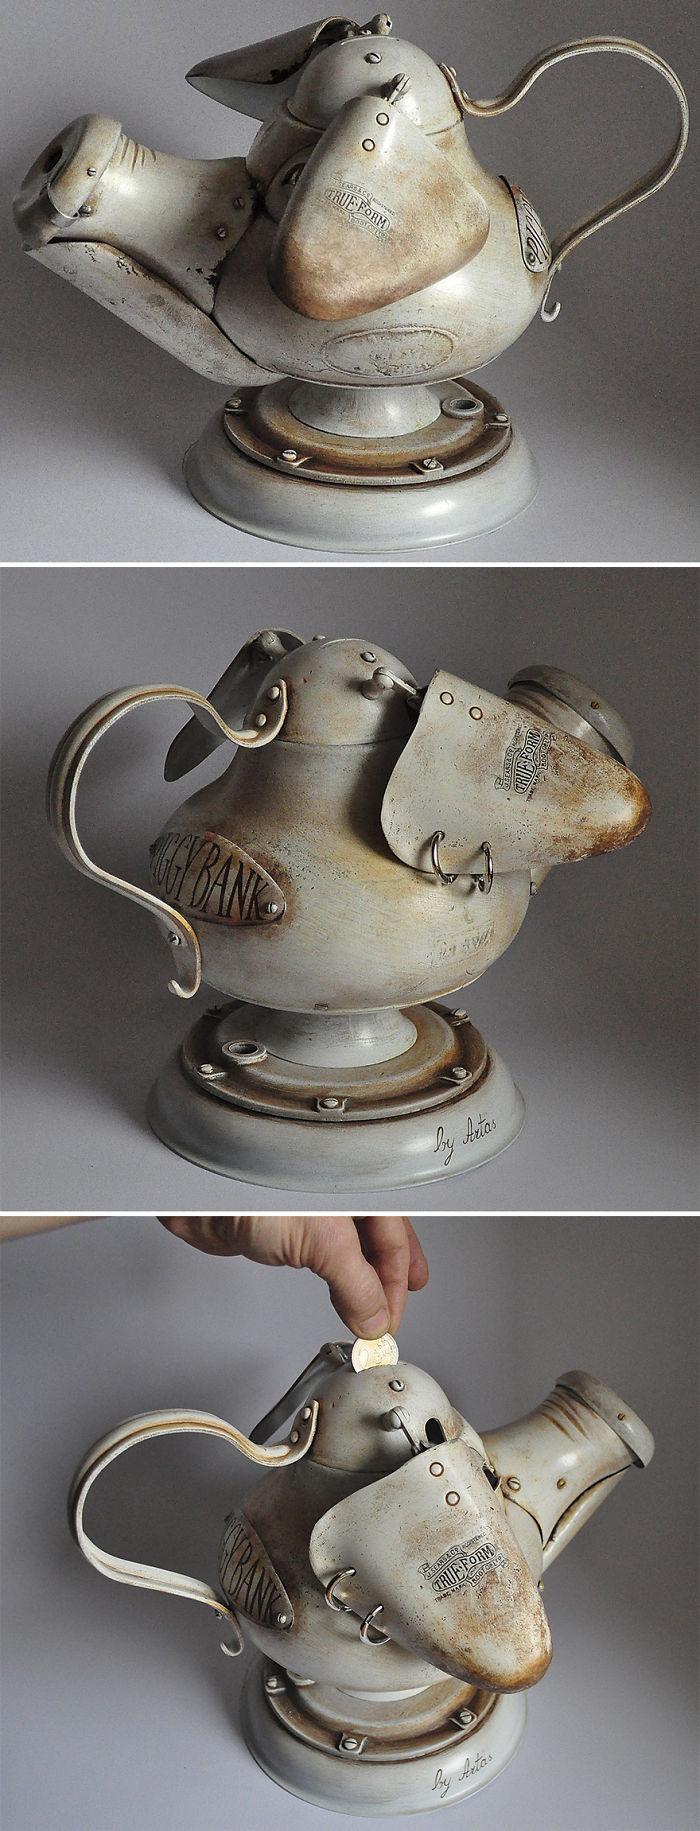 Creo esculturas steampunk a partir de basura